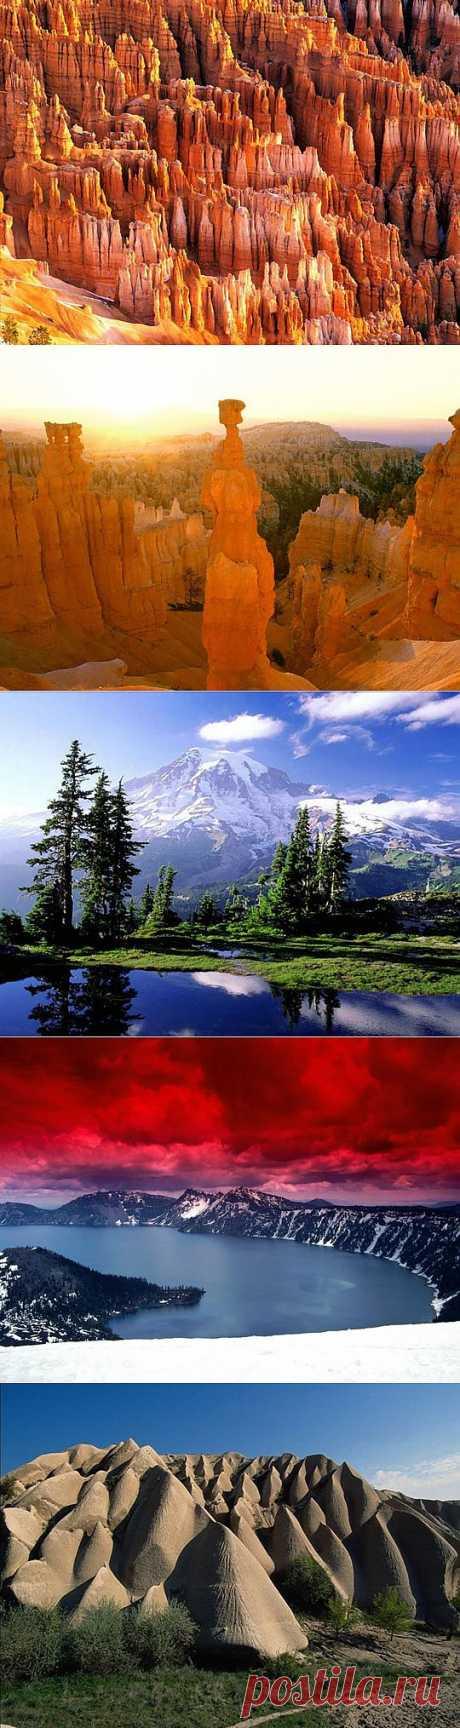 Горные пейзажи, скалы, снежные пики картинки (57 фото) видео